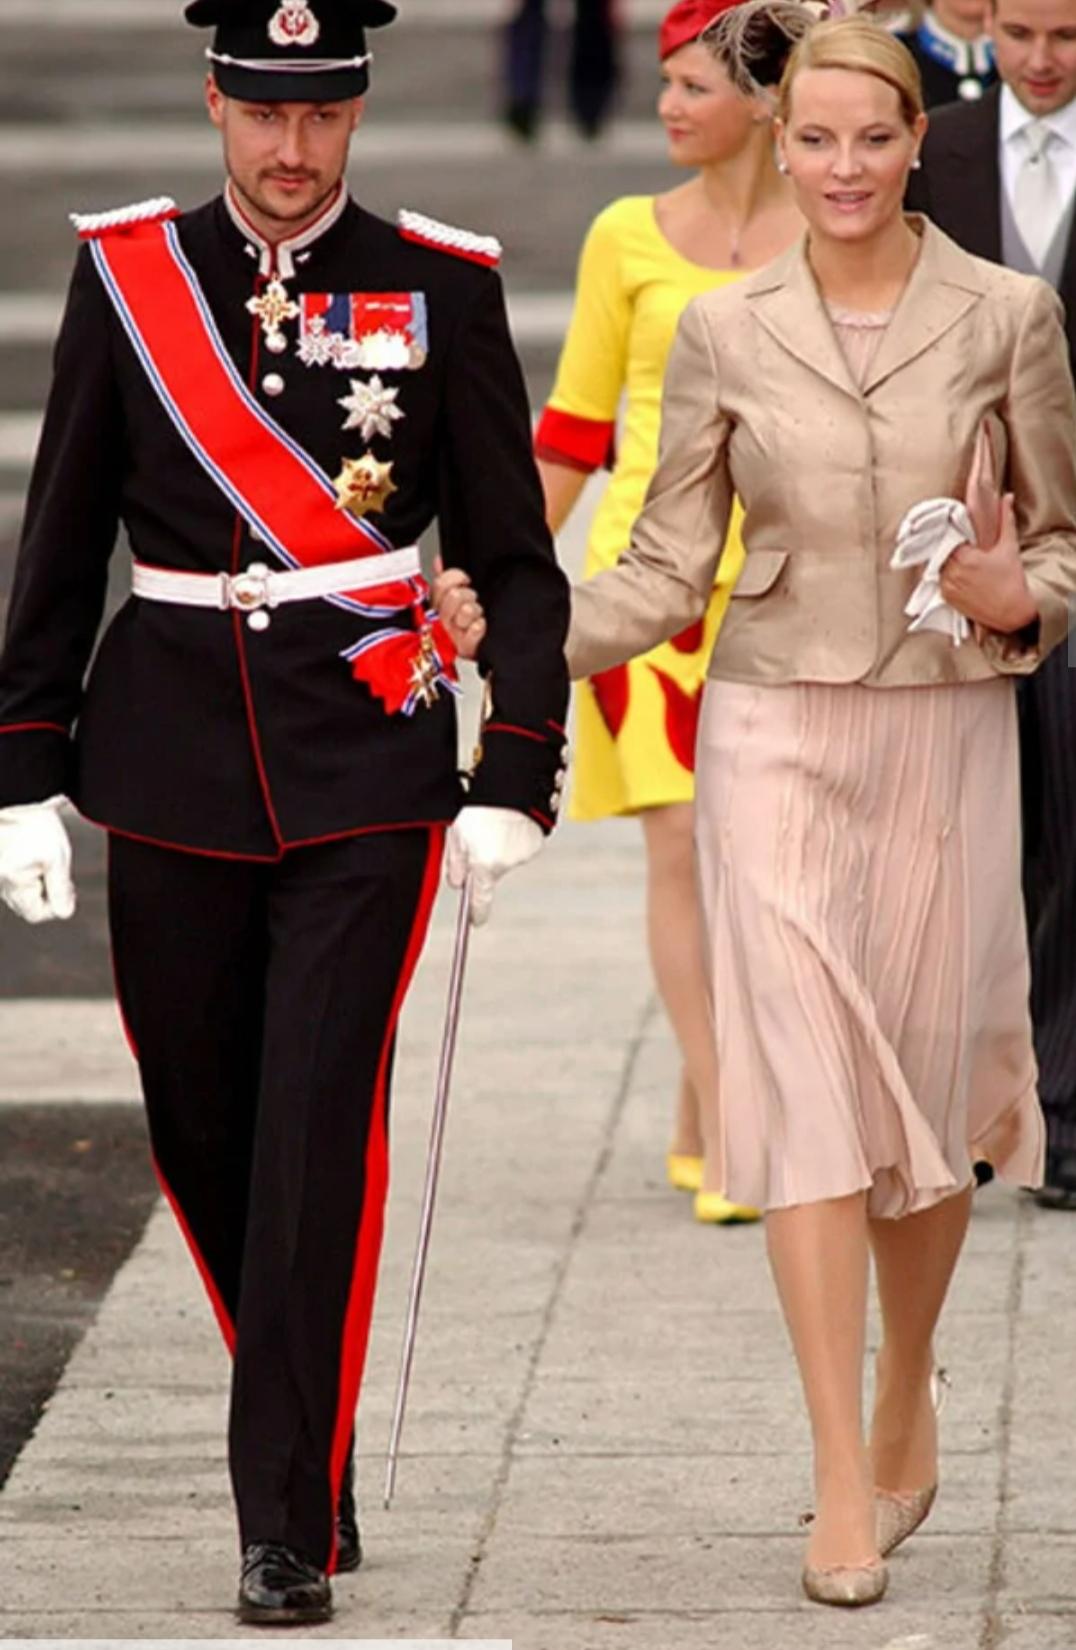 الملكة ماكسيما وزوجها الملك ويليم ألكسندر-الصورة من موقع hello magazine